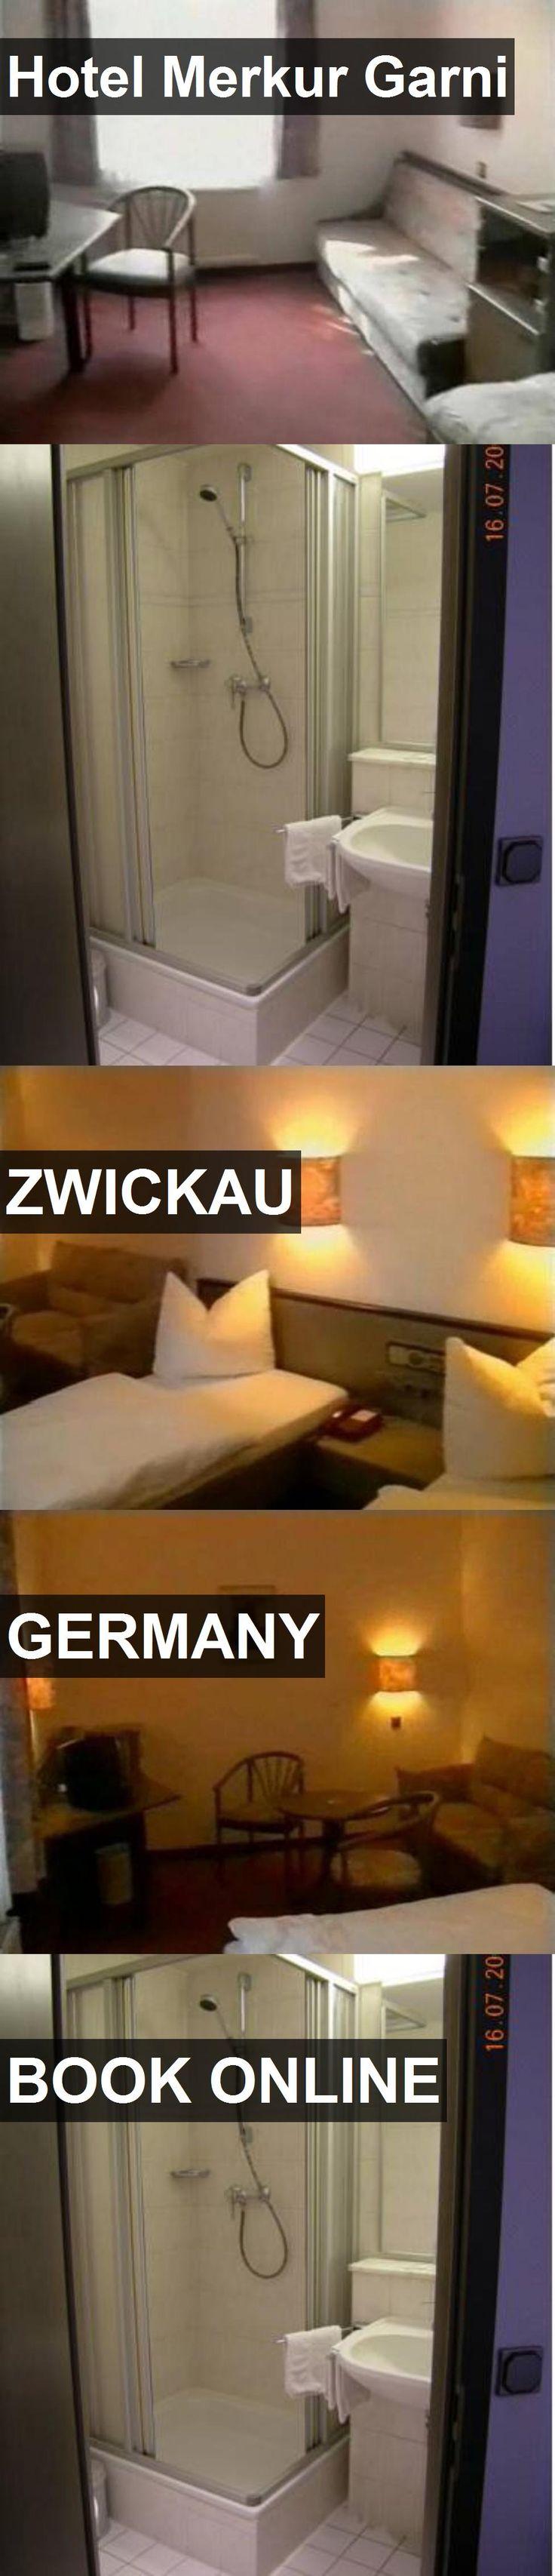 Merkur Casino Zwickau